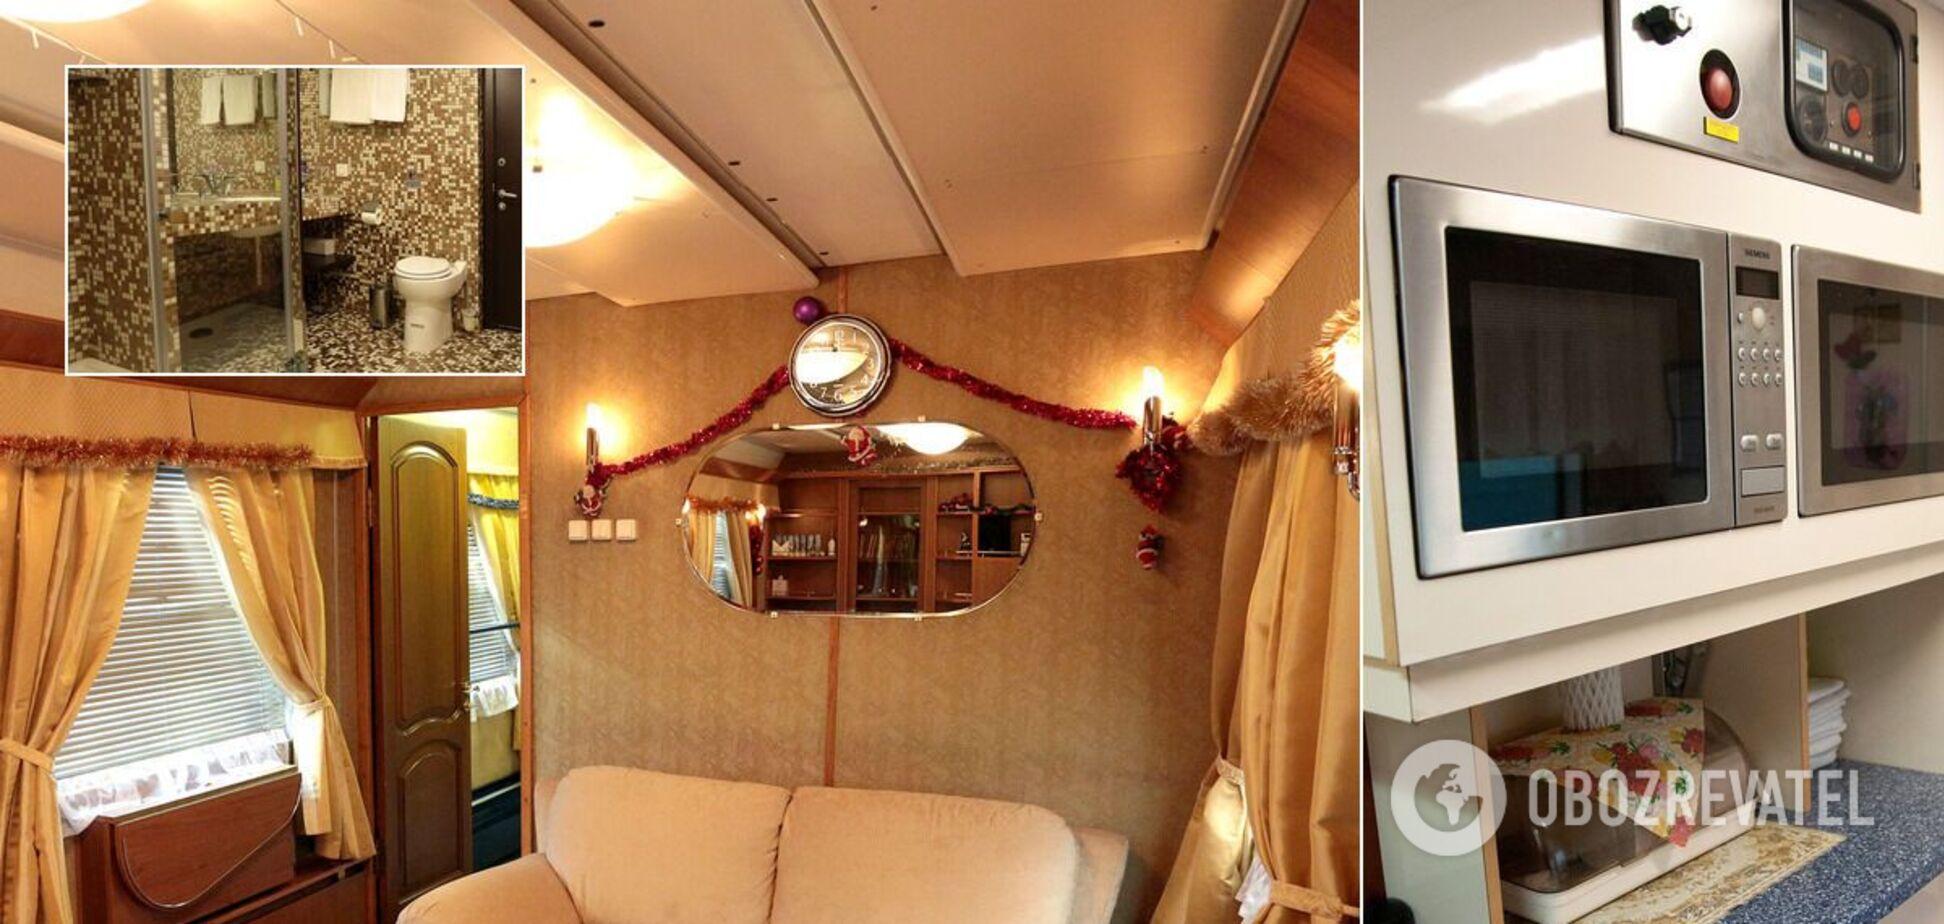 С душем, плазмой и большими кроватями: как выглядят элитные вагоны 'Укрзалізниці'. Фото